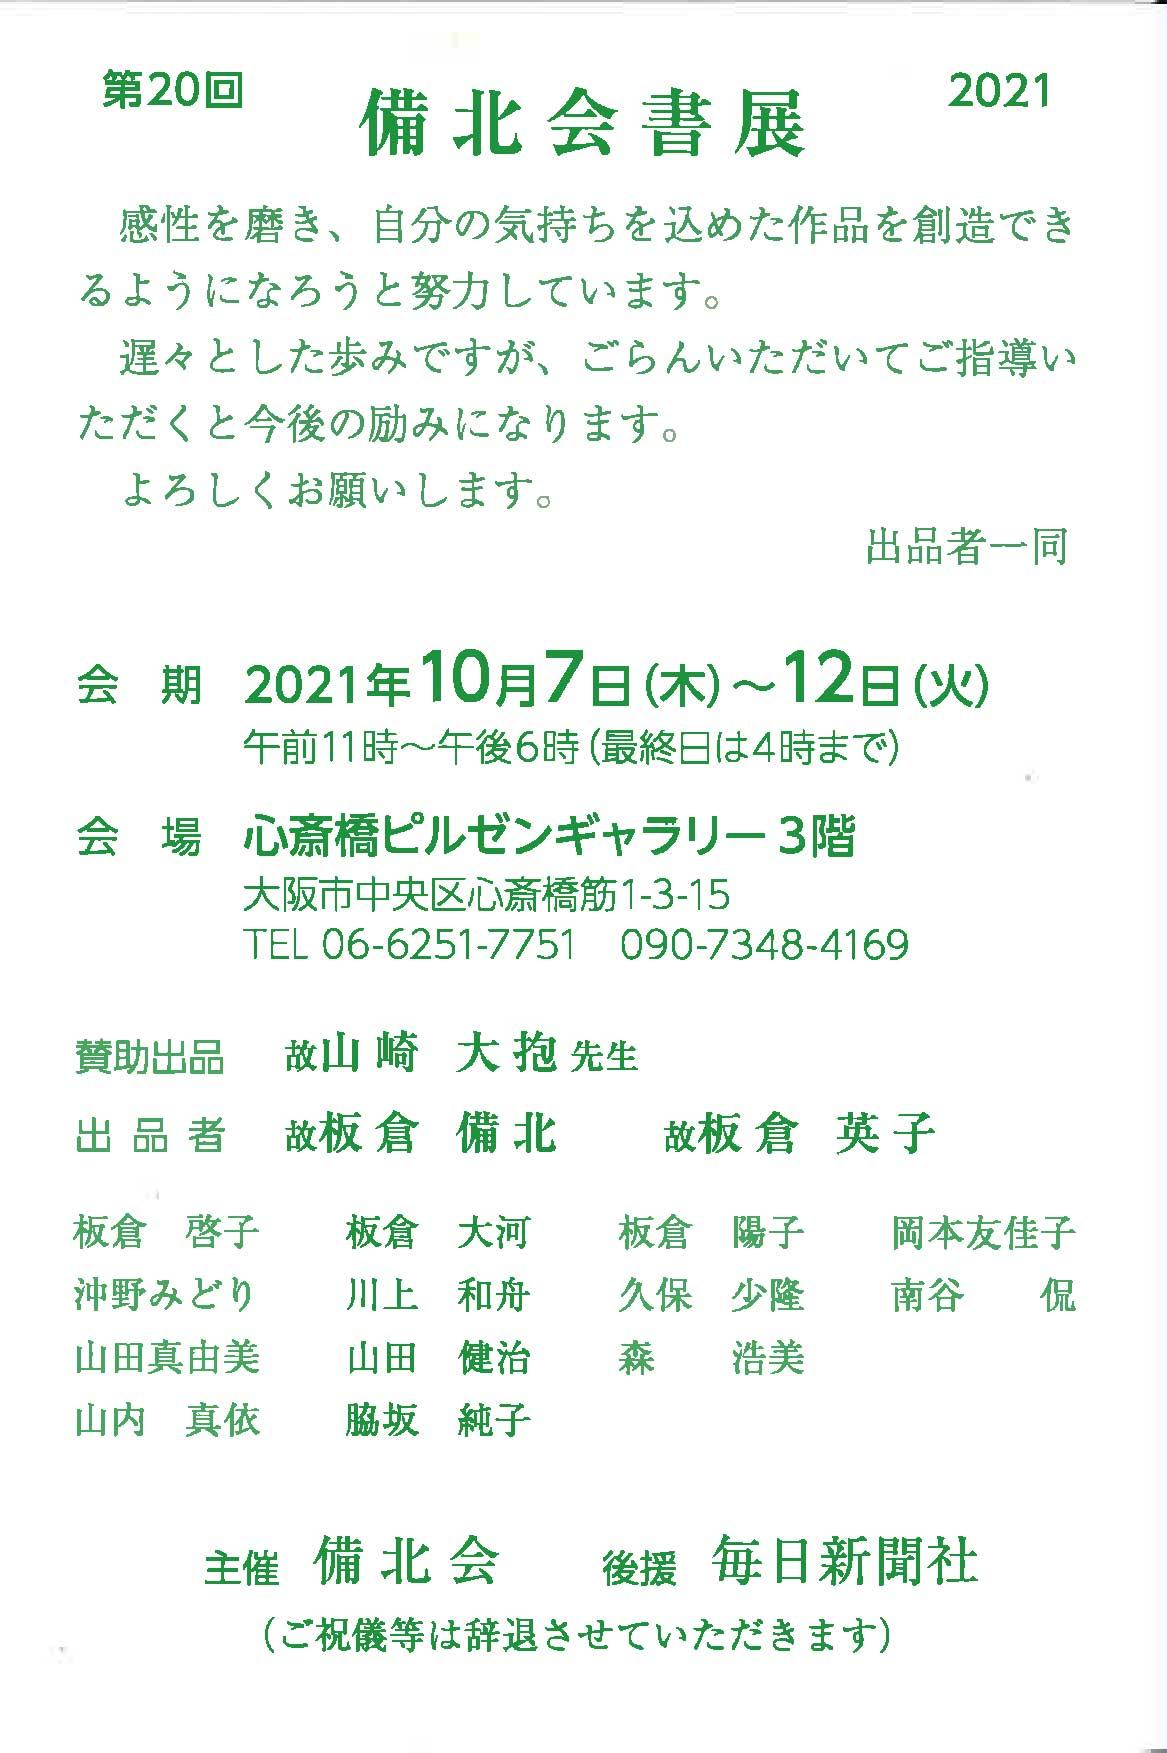 【展覧会情報】第20回 備北会書展